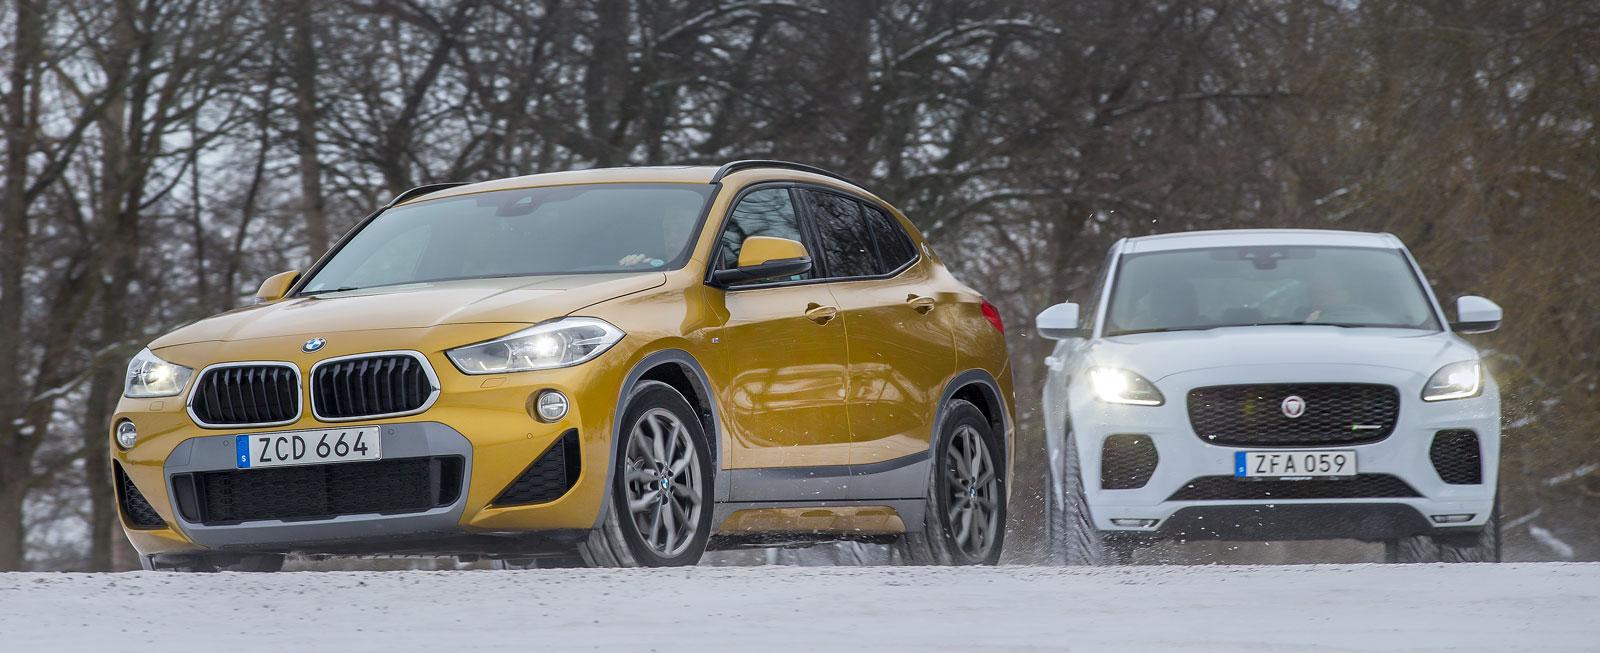 BMW X2 byggs i tyska Regensburg, Jaguar, som märkets första modell, hos Magna i Österrike.